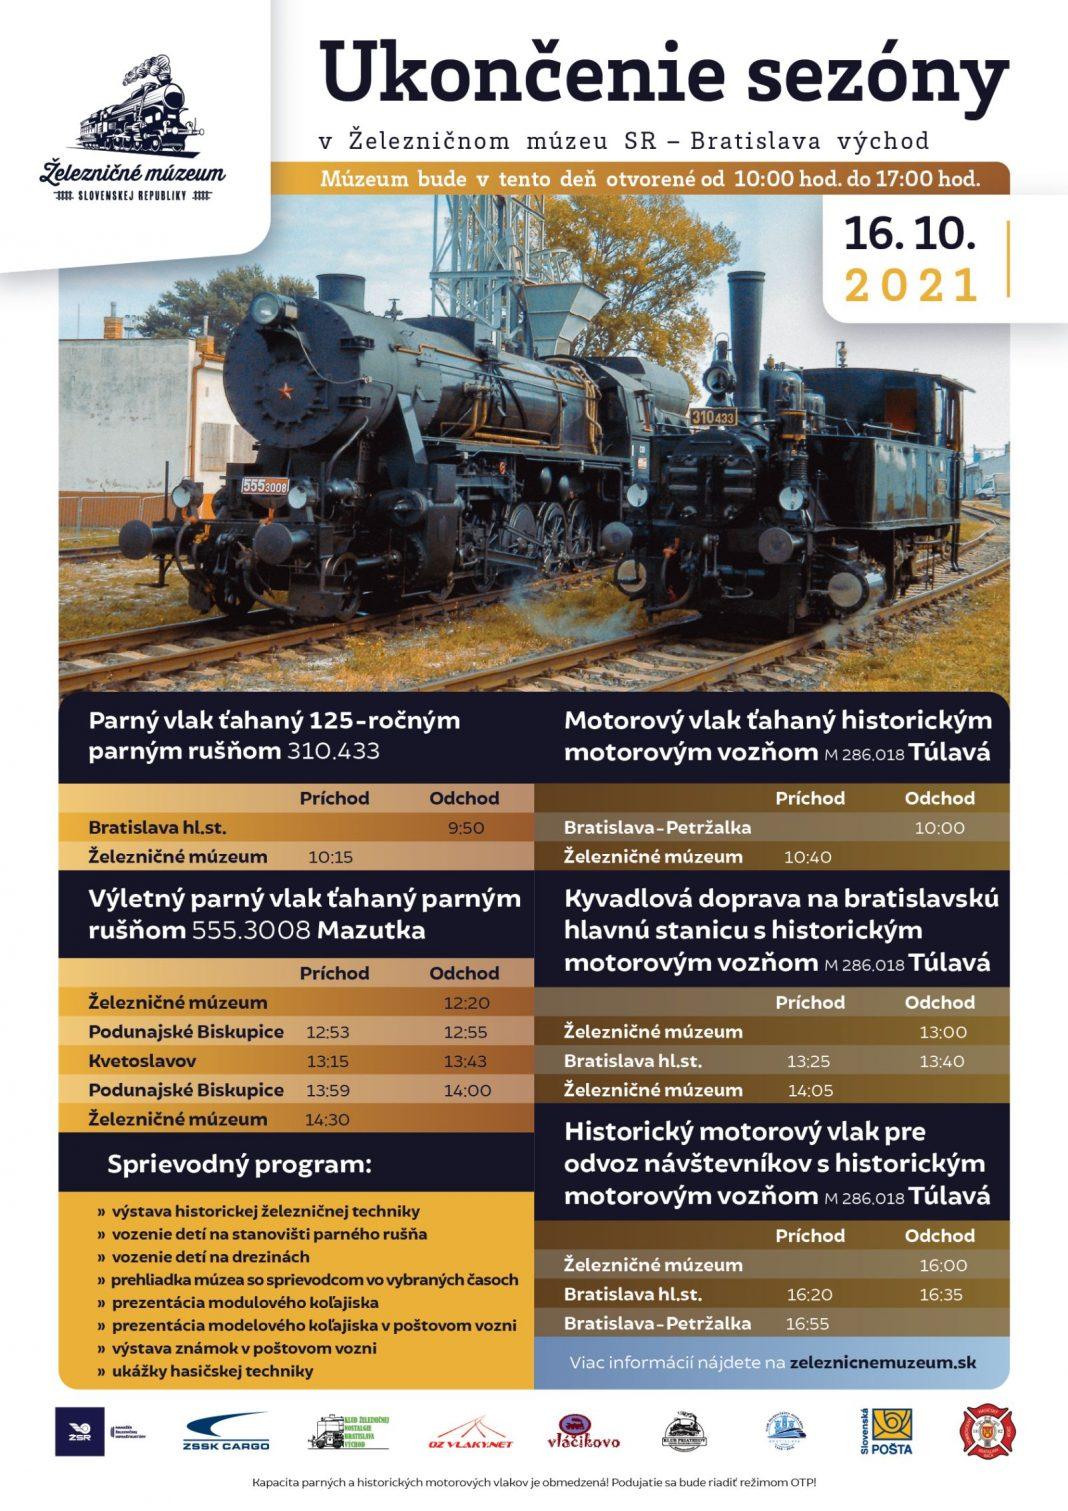 ukončenie sezóny železničné múzeum